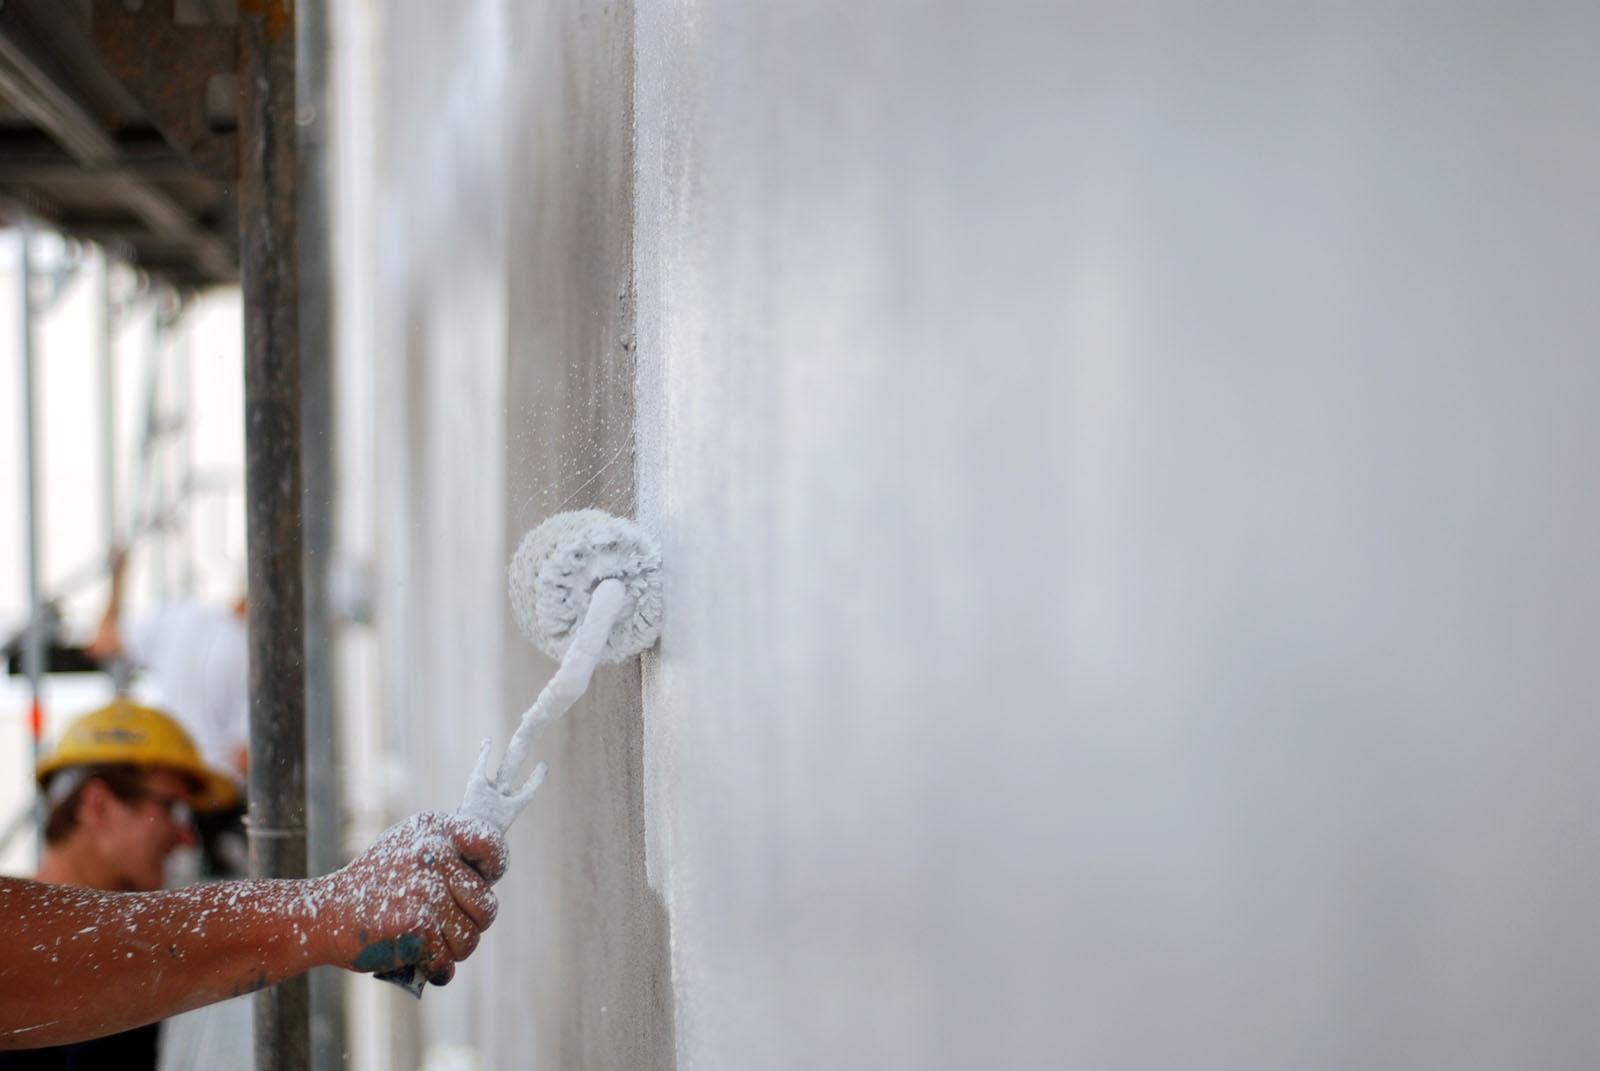 neopaint works - tűzfalfestés - falfestmény - dekorációs festés - graffiti (23)